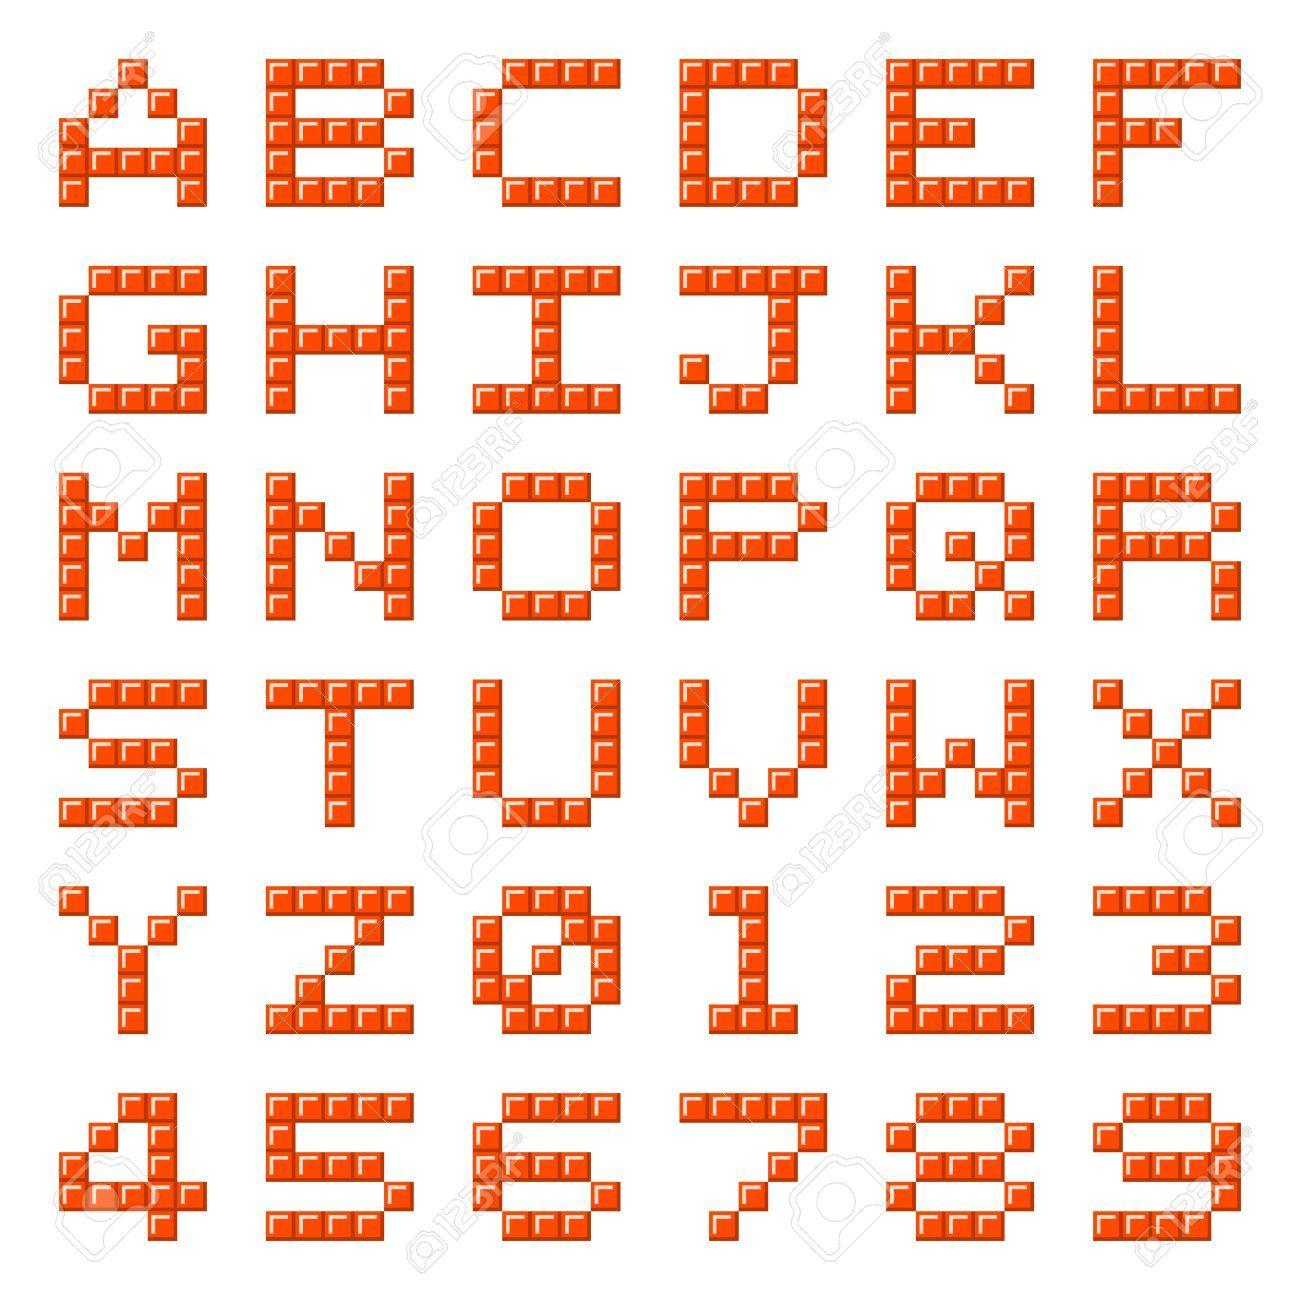 Stock Photo Lettres Alphabet Pixel Art Lettre Et Dessin